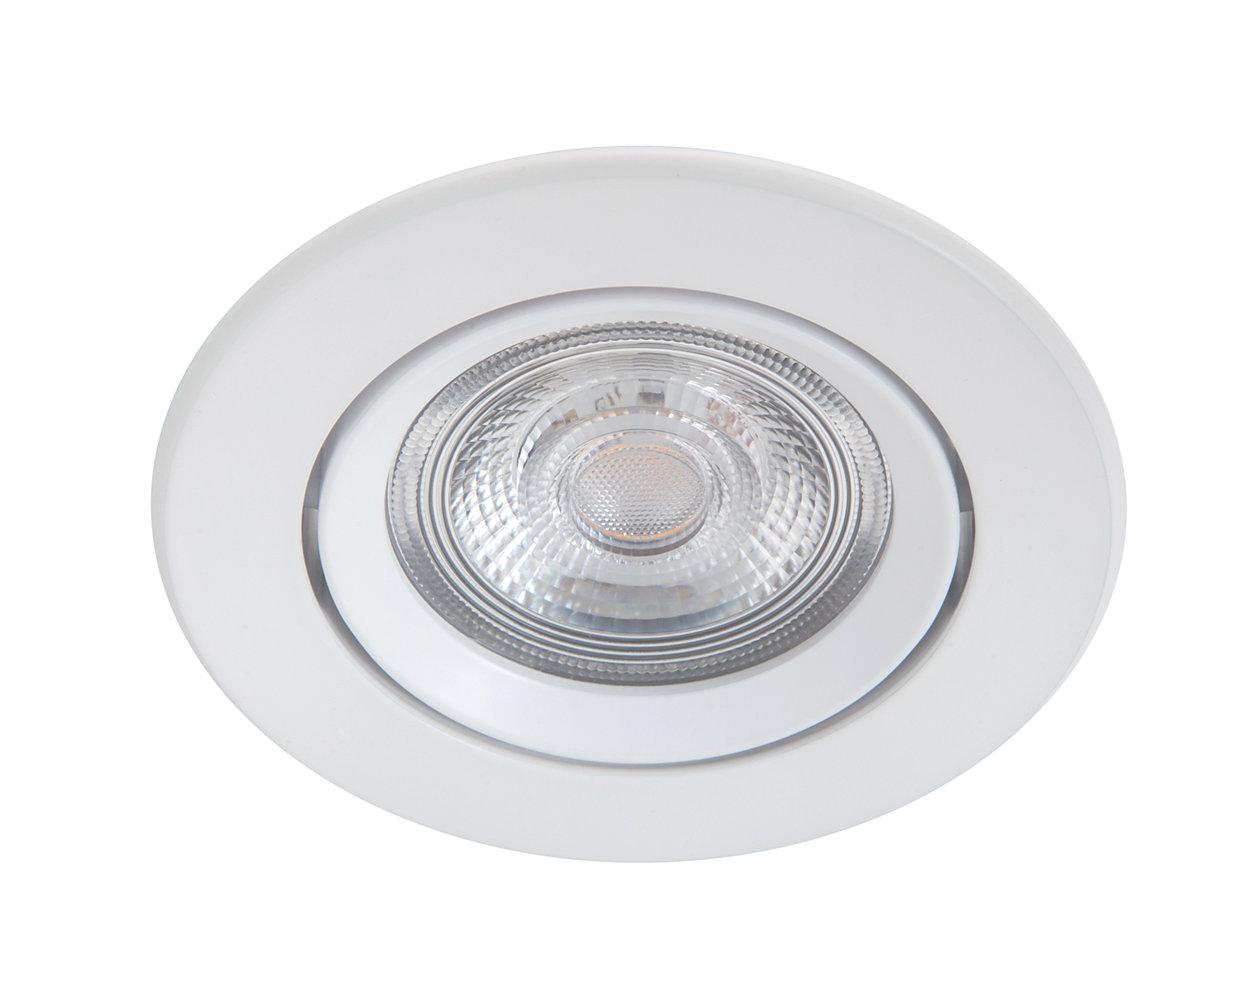 Stvorite savršen ugođaj uz visokokvalitetno prigušivo svjetlo.